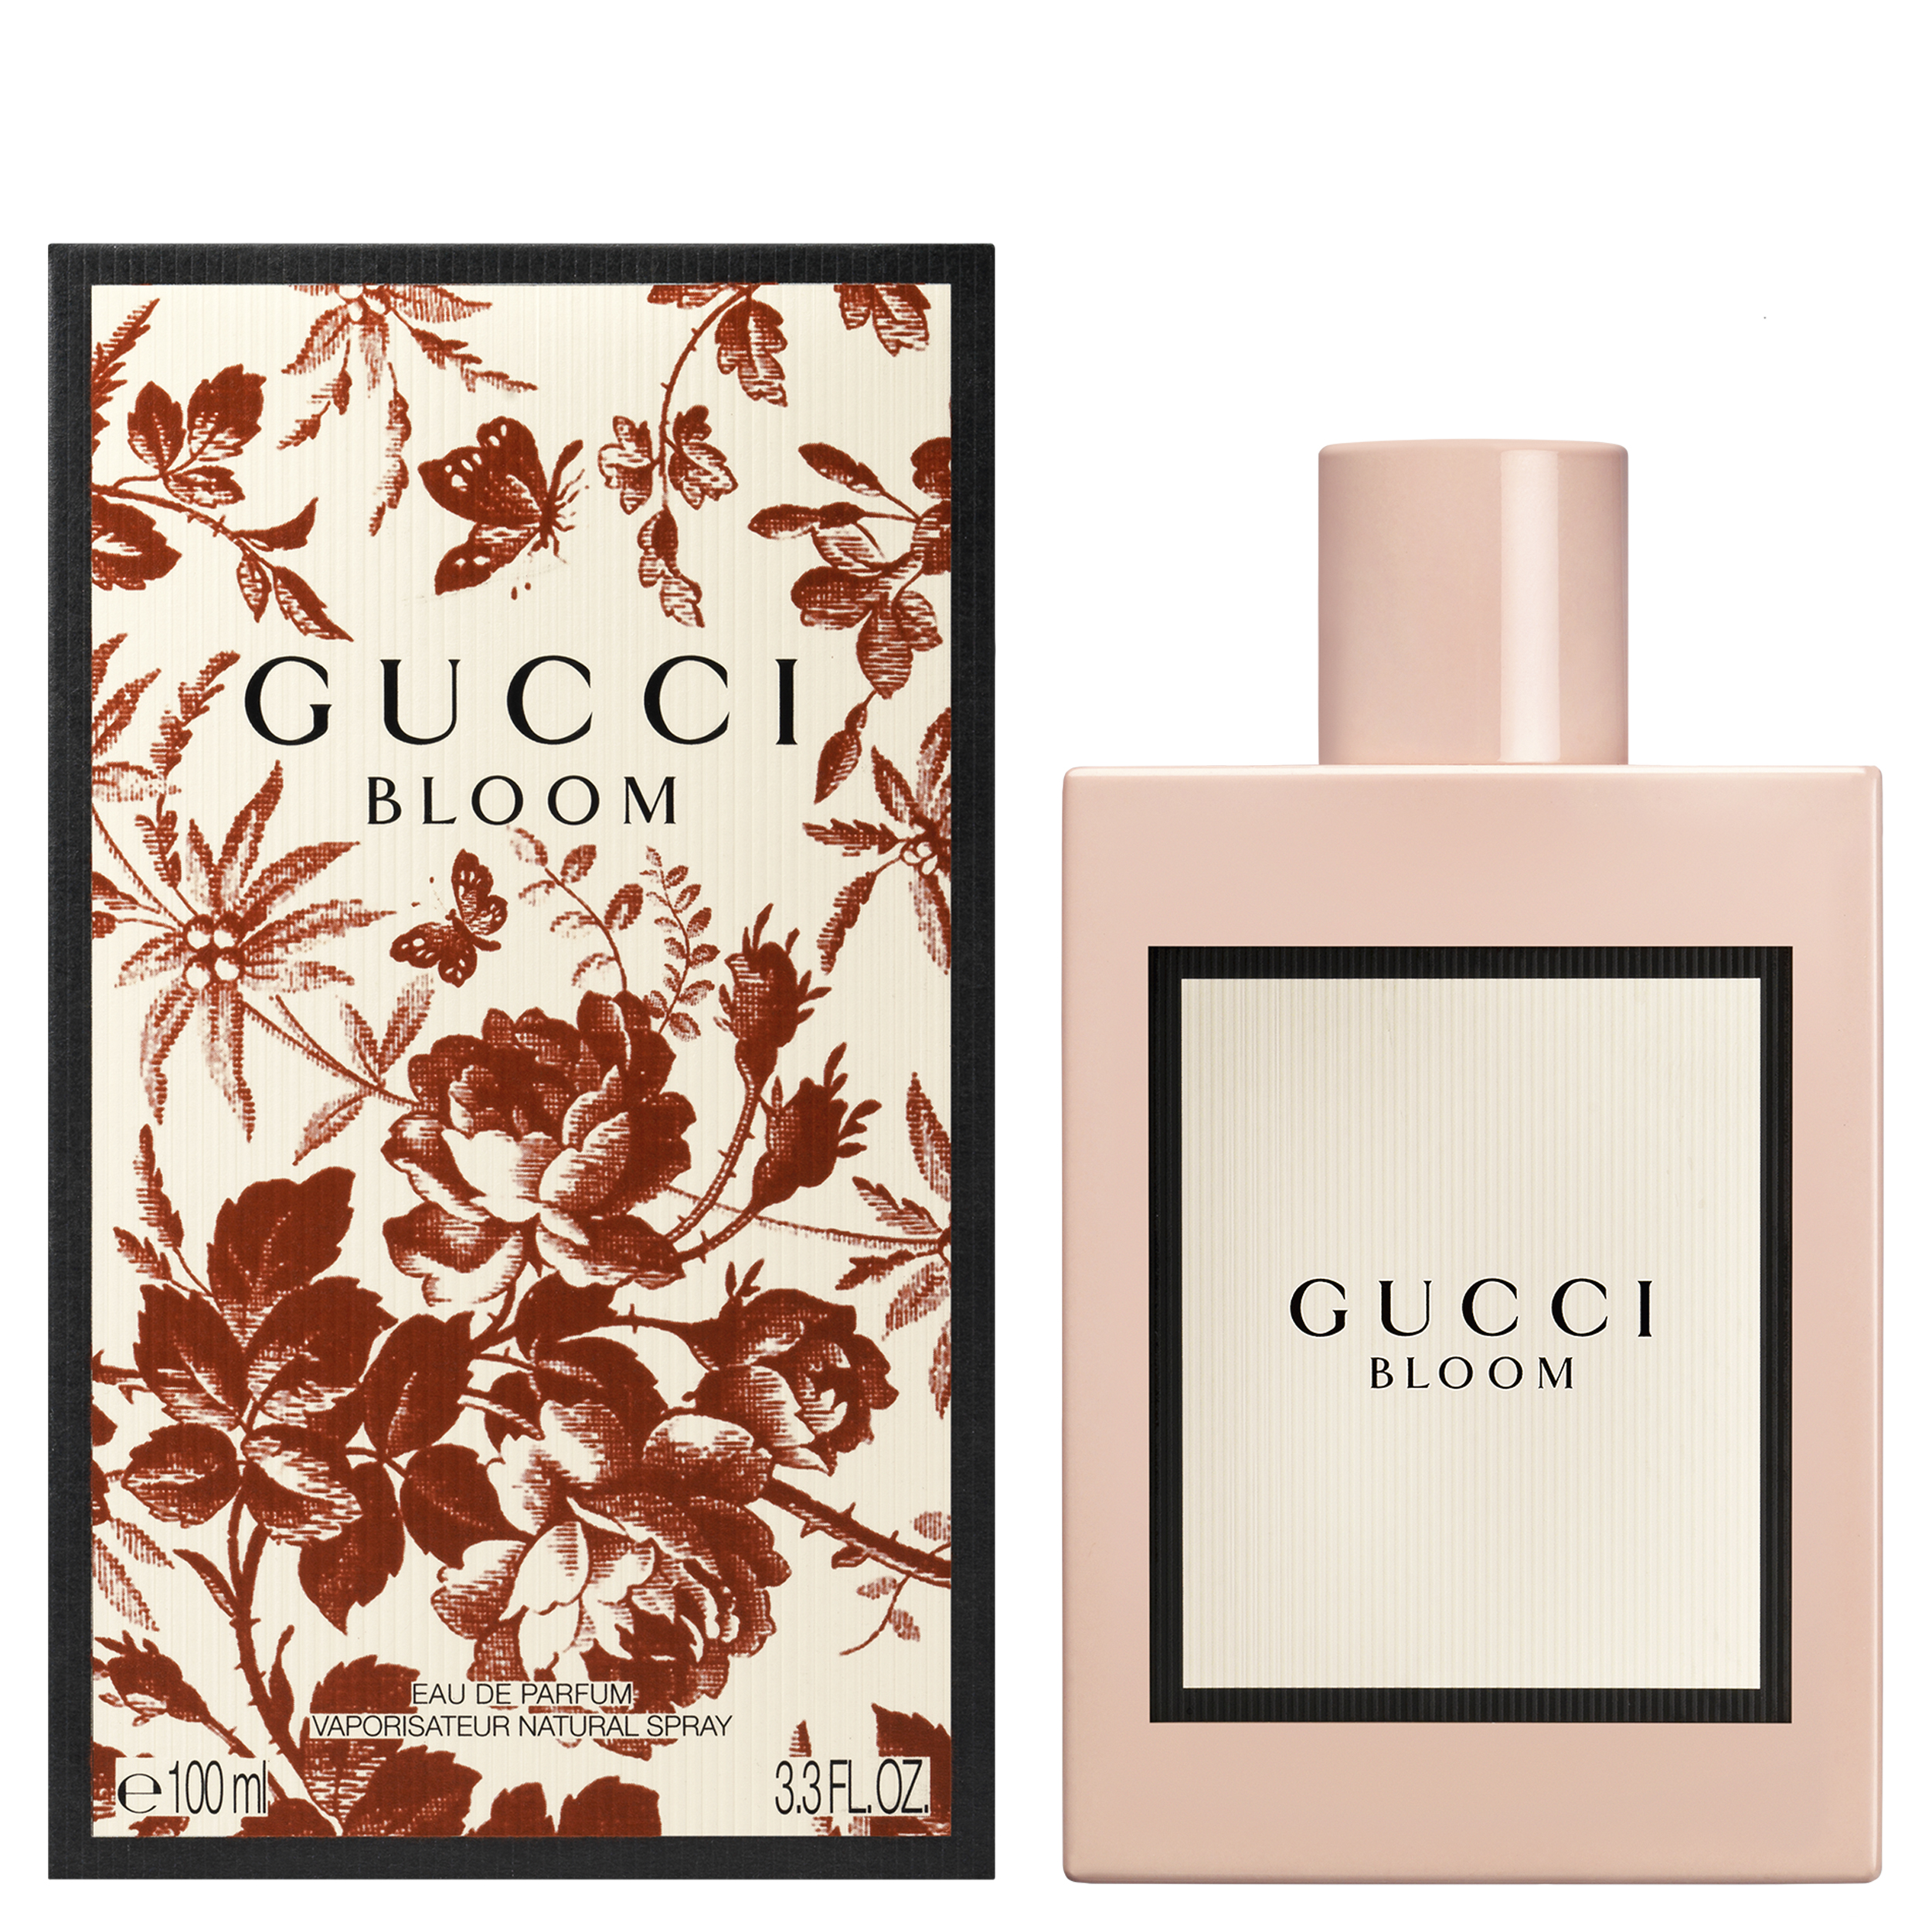 Gucci's new Gucci Bloom...